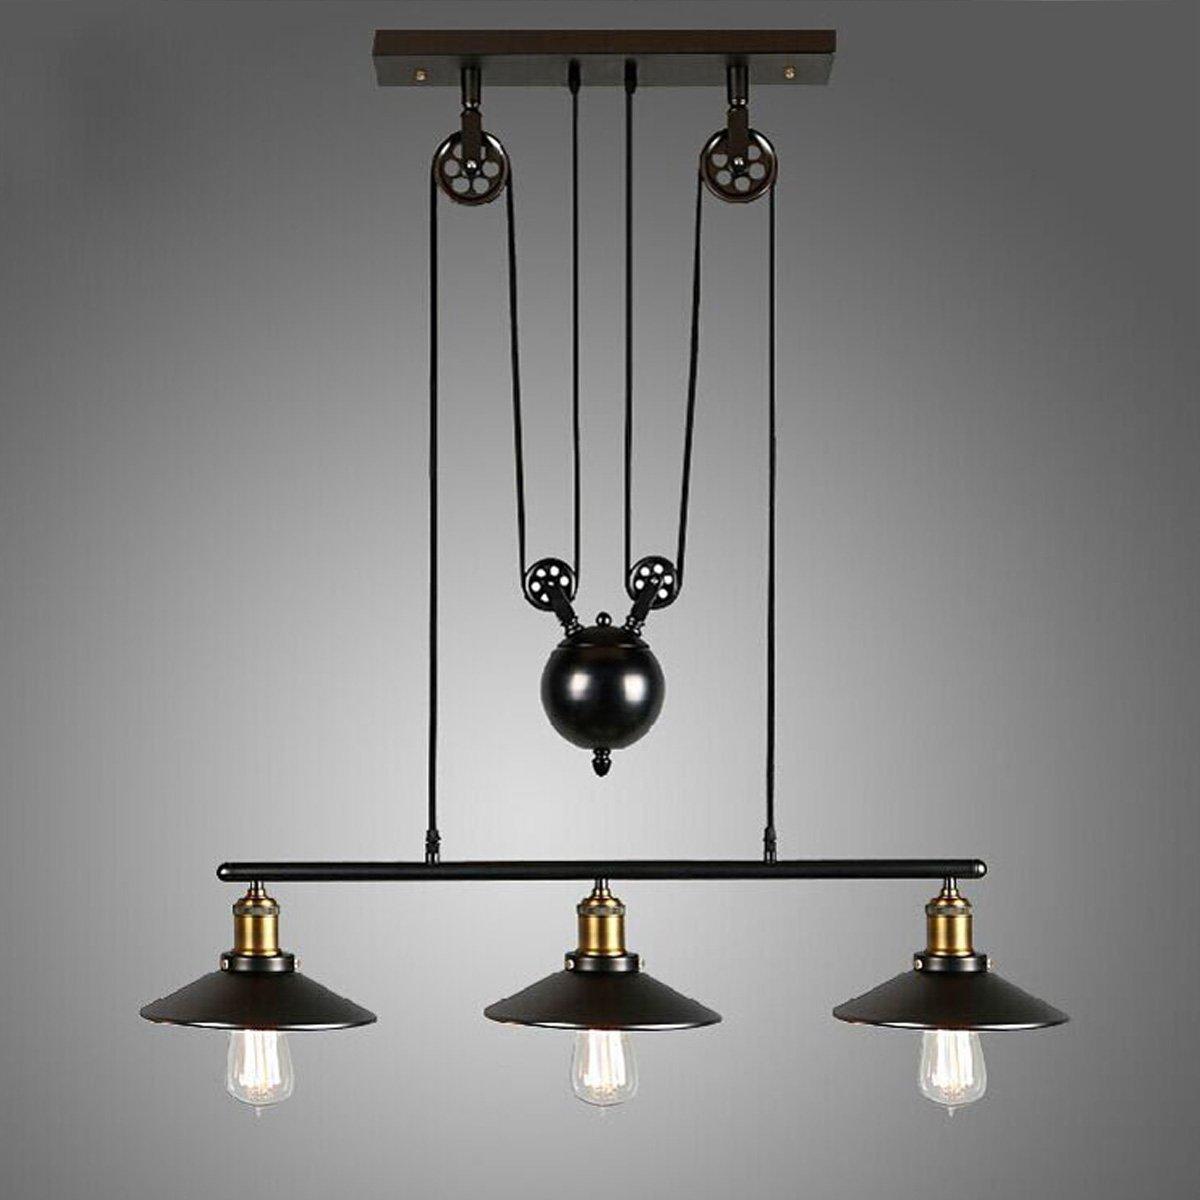 KINGSO E27 Lampe Suspensions Plafonnier Abat jour Lustre avec Douille Applique dEclairage Murale